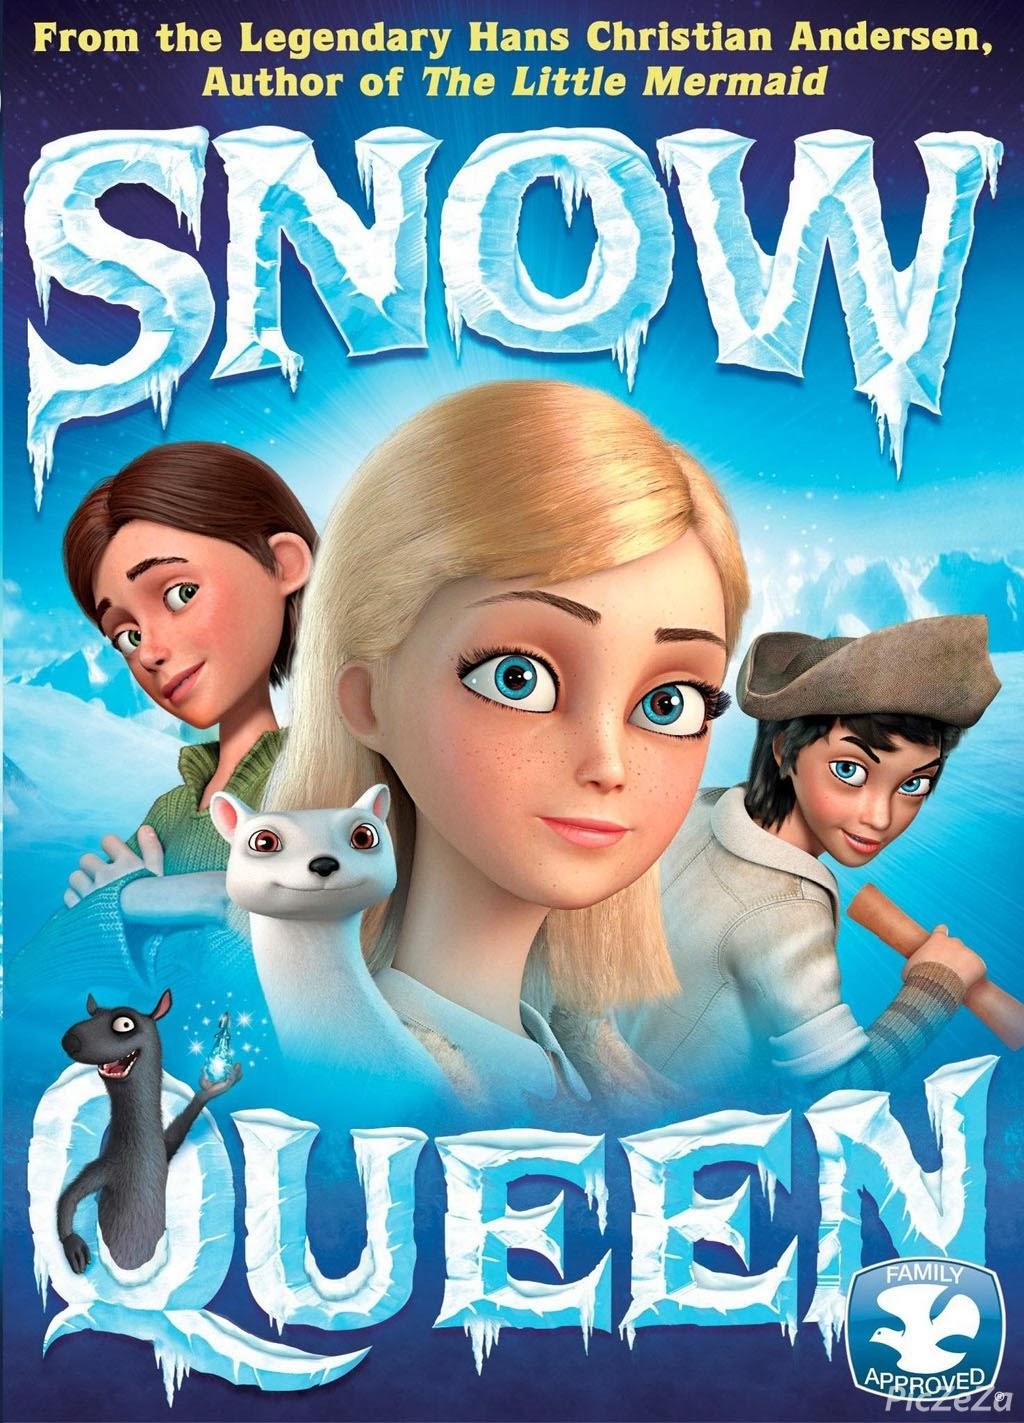 ดูการ์ตูน The Snow Queen สงครามราชินีหิมะ